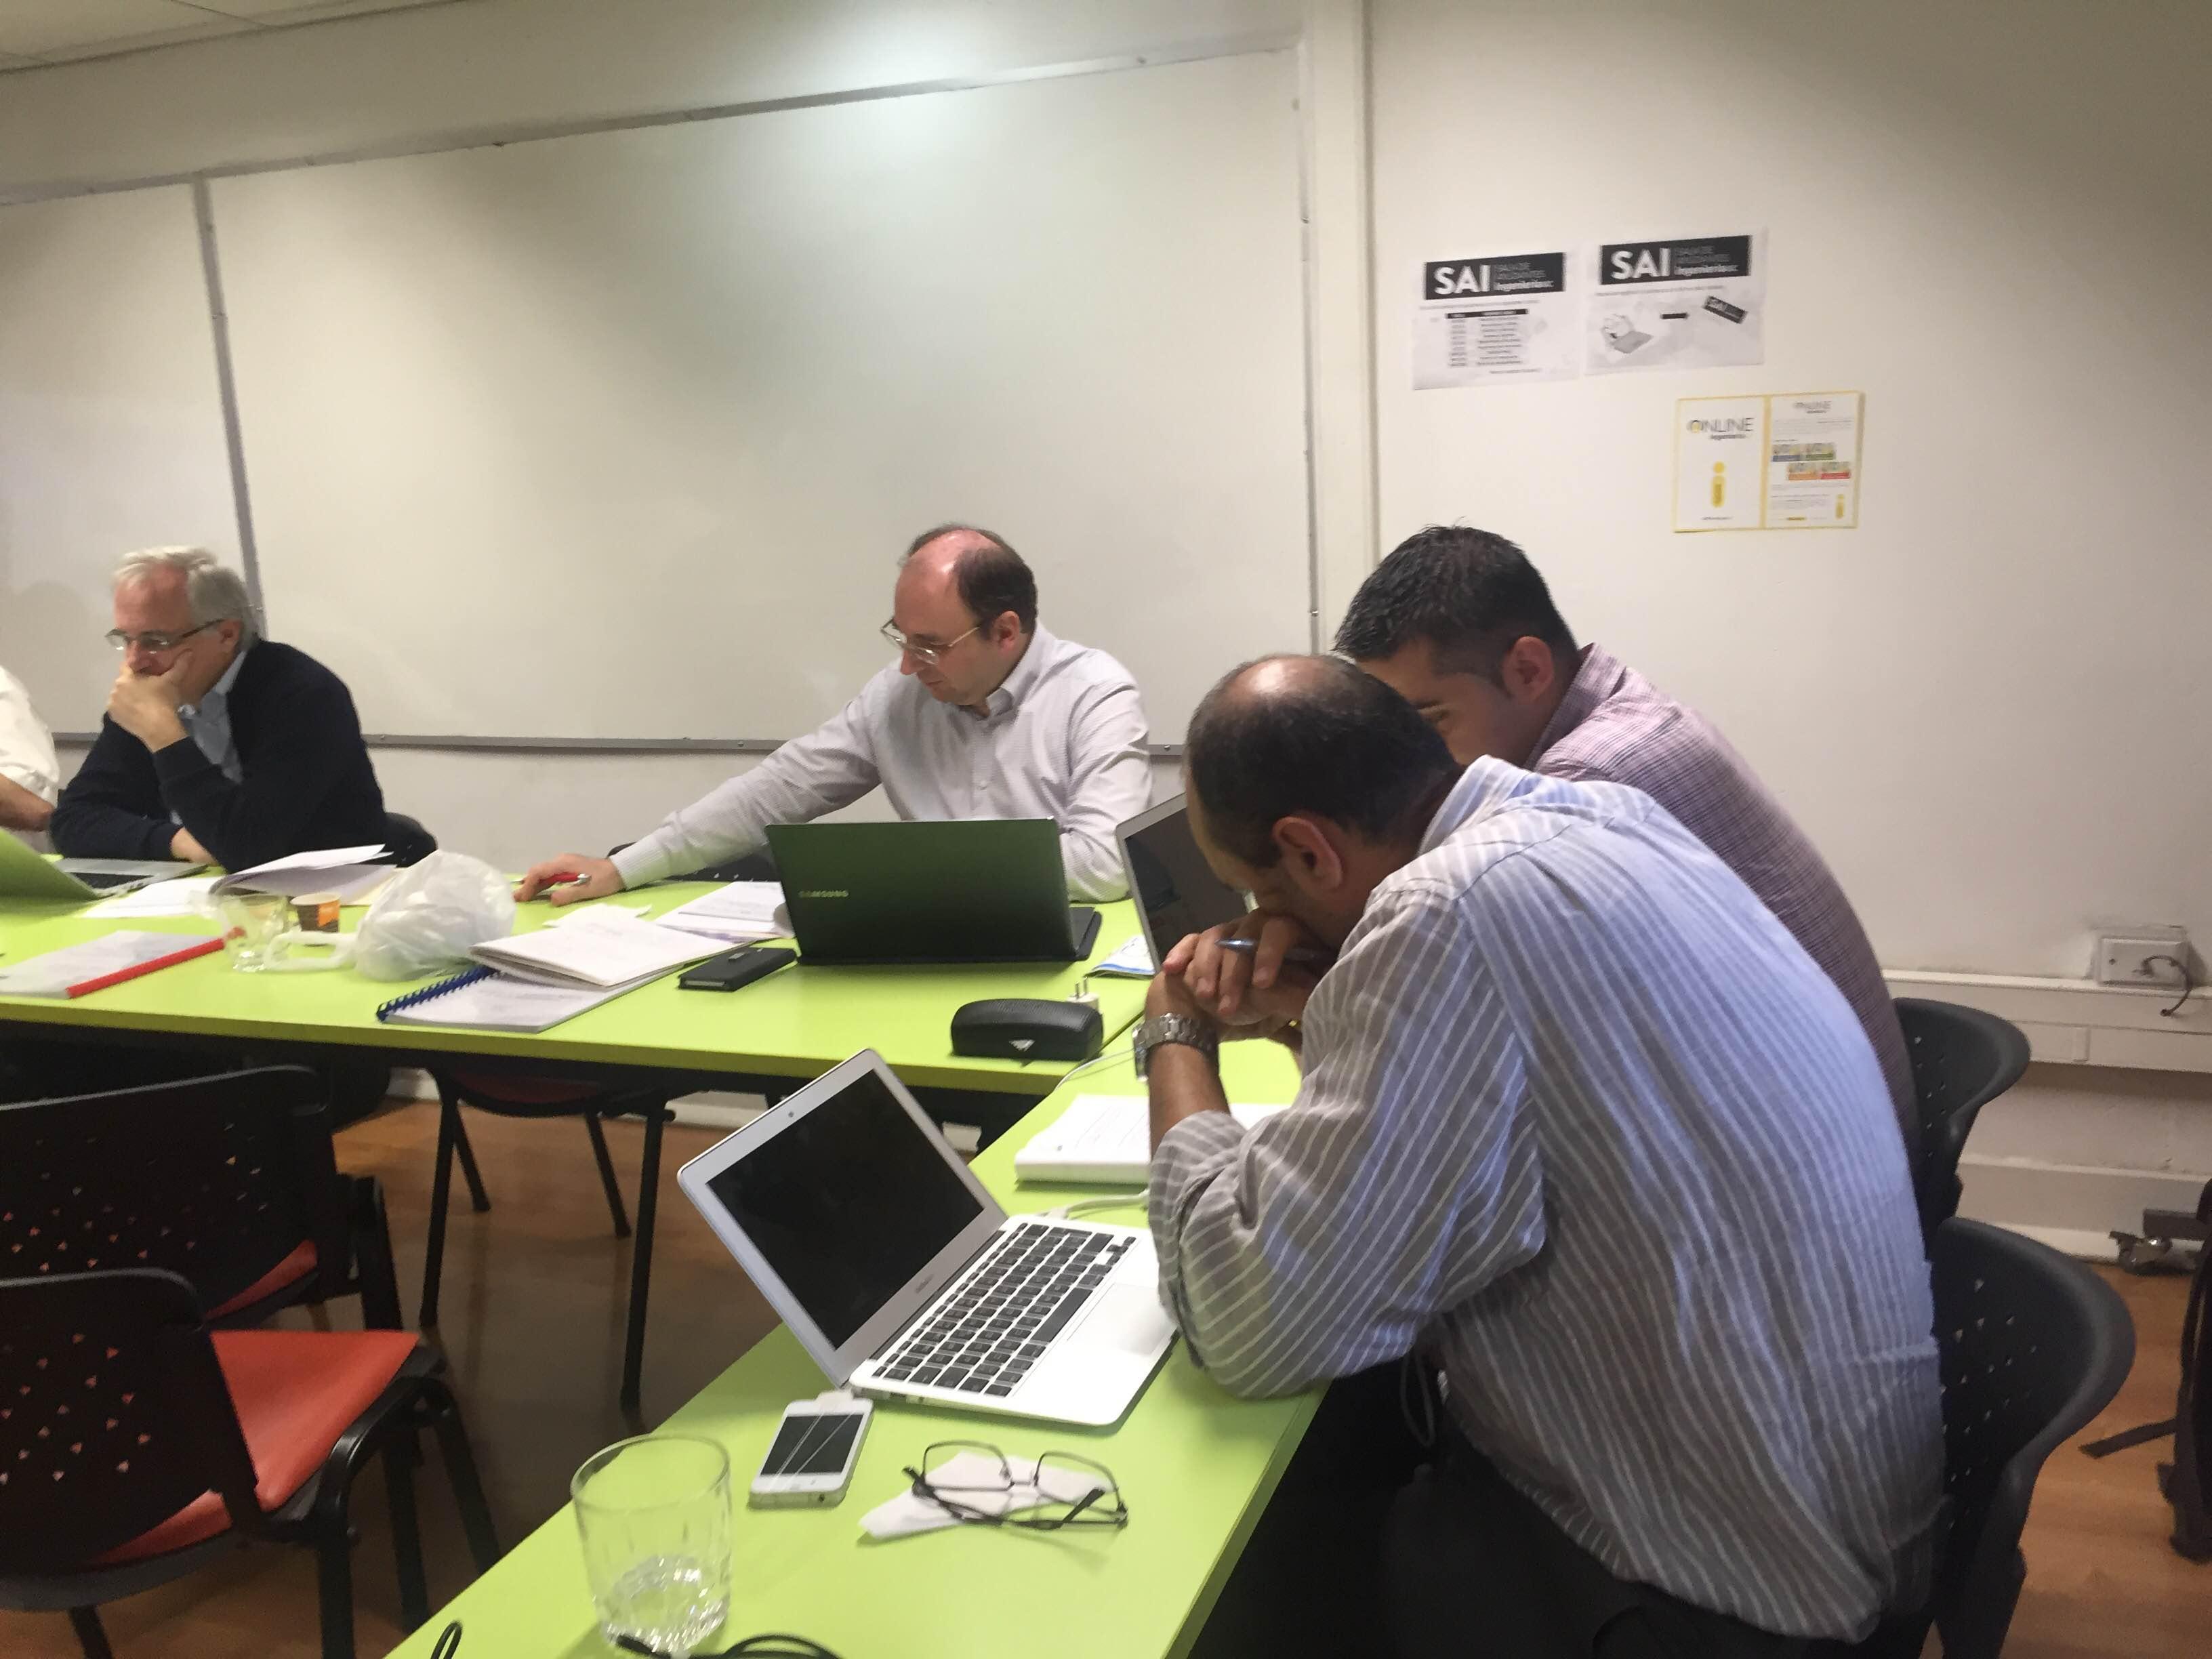 Socios durante 2da. reunión plenaria en PUC, Chile